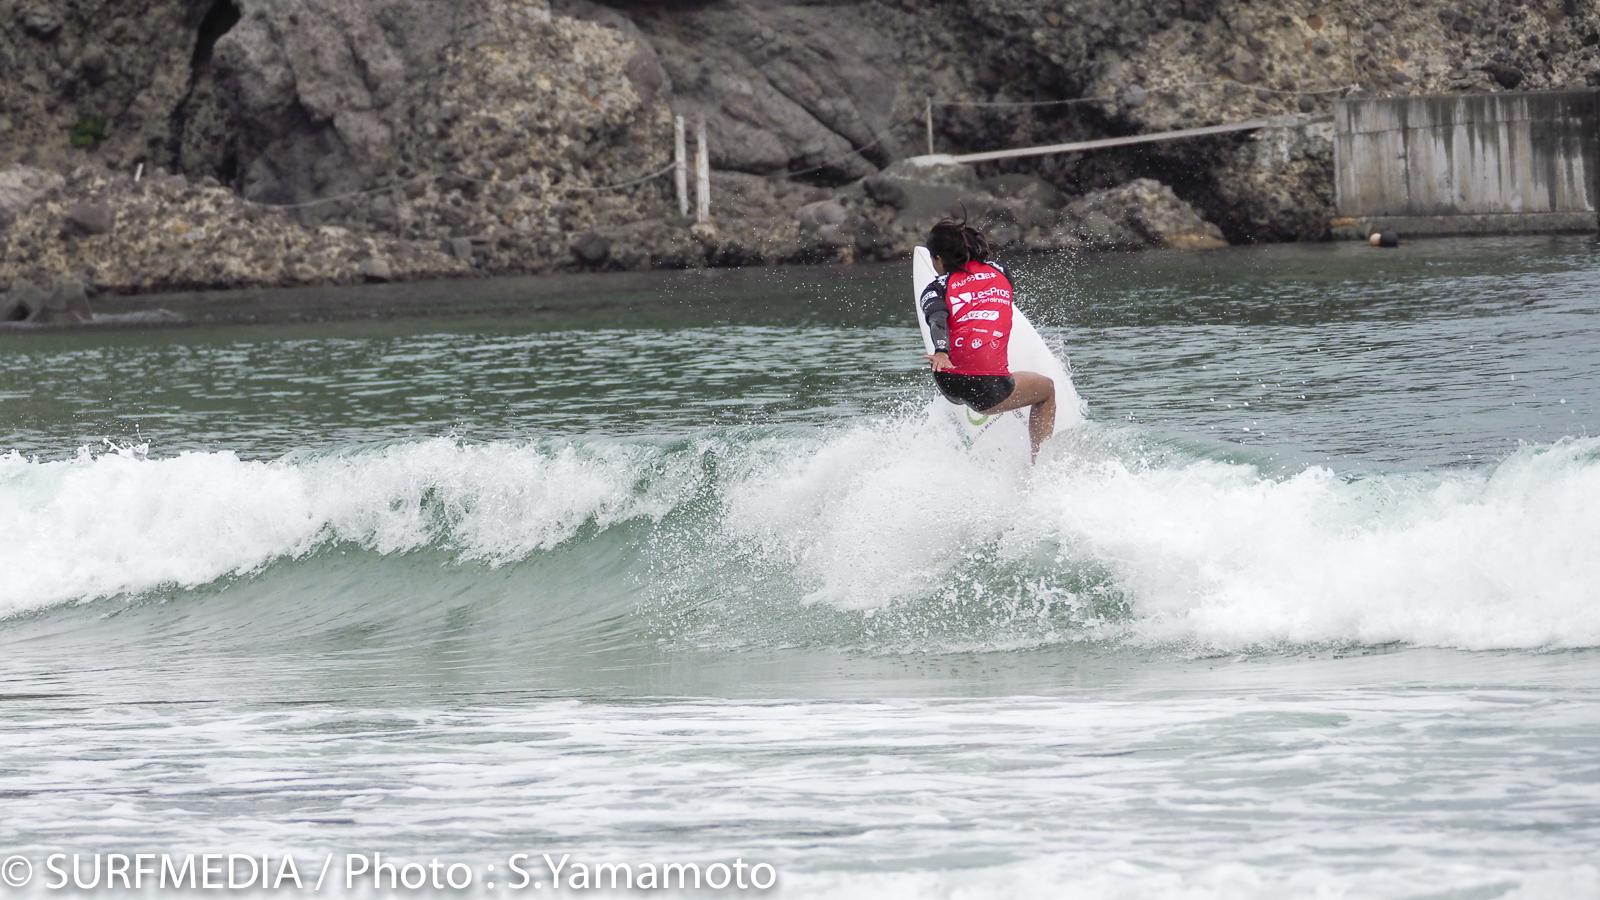 QFでは6.25の高得点で勝ち上がった川合美乃里